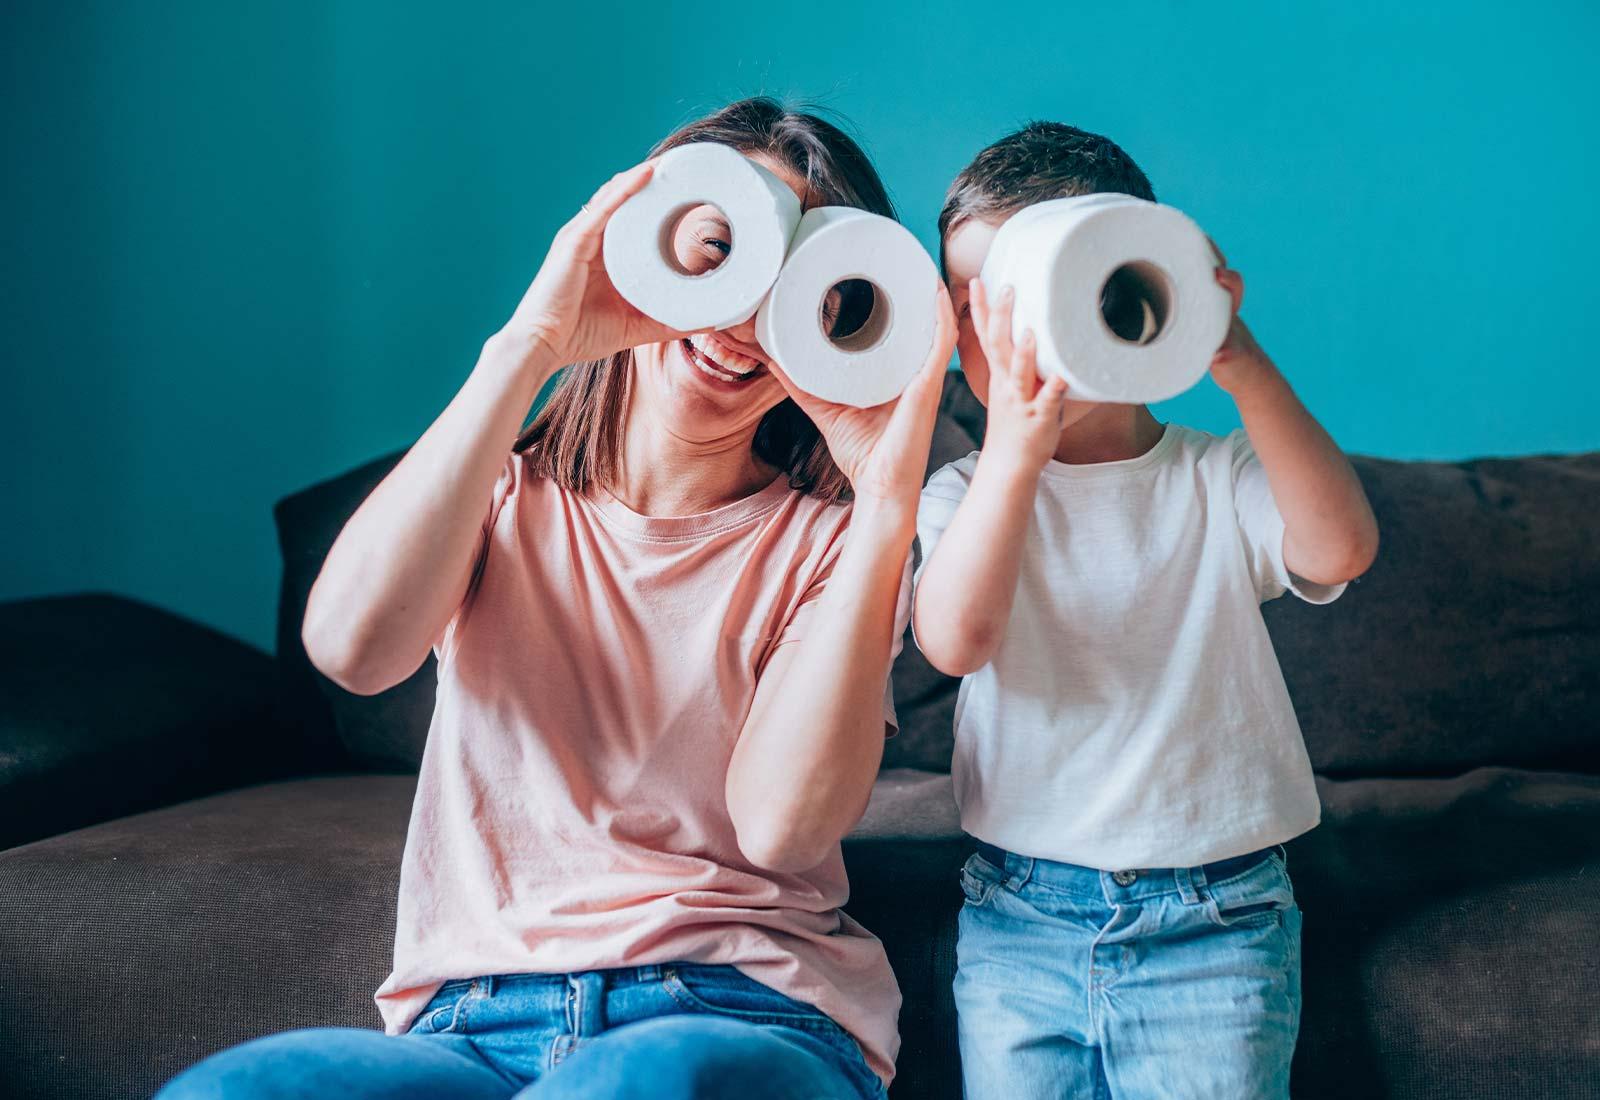 Come insegnare ai bambini a usare la carta igienica per pulirsi